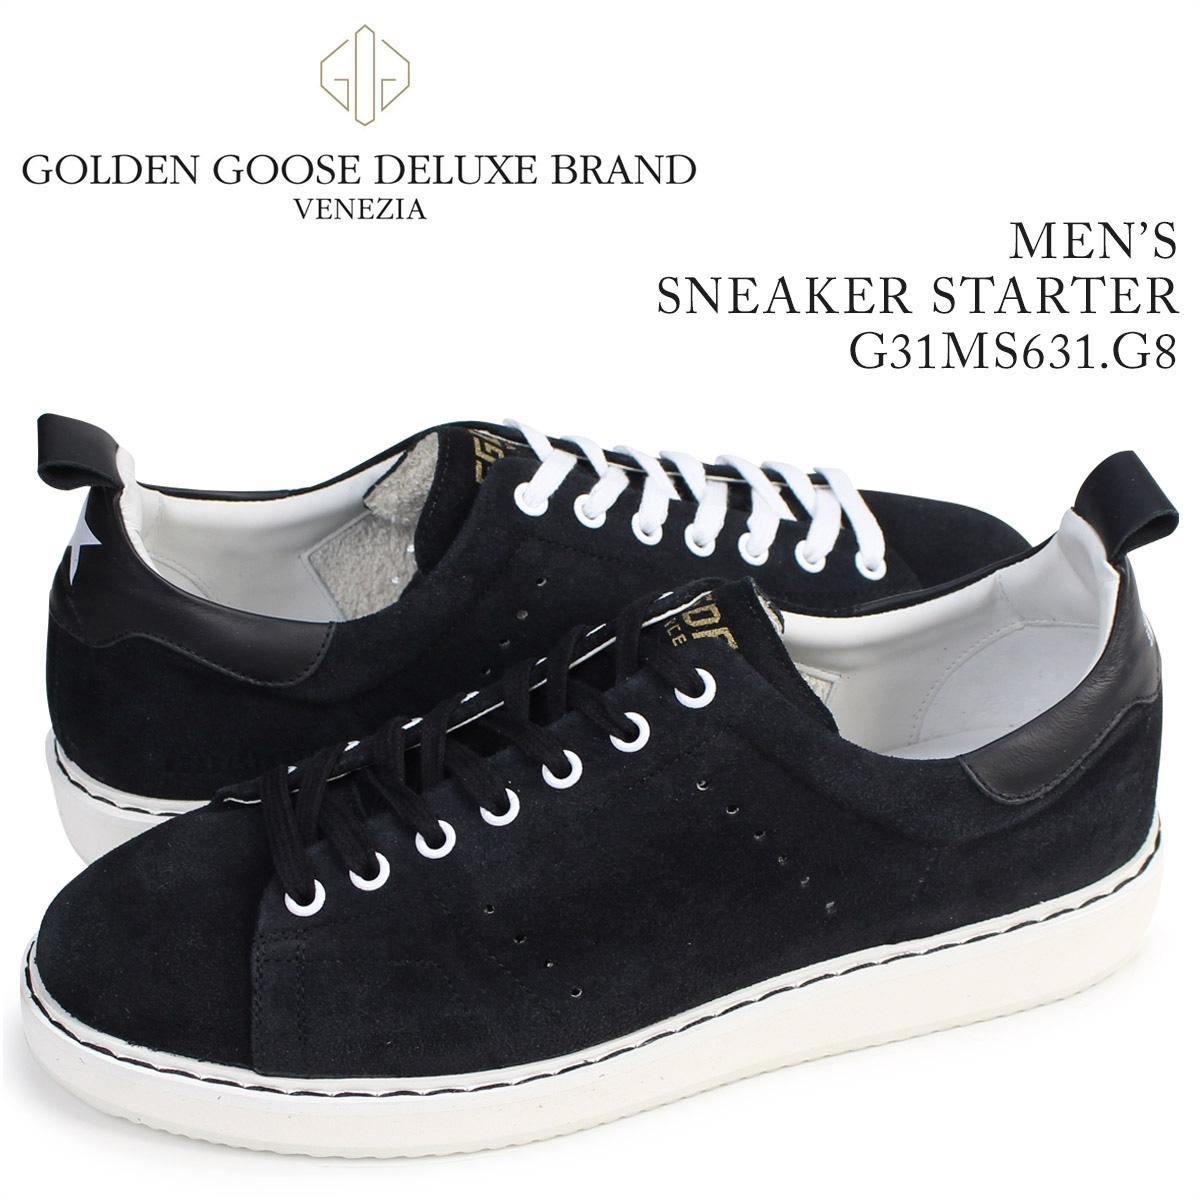 【送料無料】 【あす楽対応】 【24.5cm-28cm】 ゴールデングース Golden Goose スニーカー スターター ゴールデングース Golden Goose スニーカー メンズ スターター SNEAKERS SUPERSTAR イタリア製 G31MS631 G8 靴 ブラック